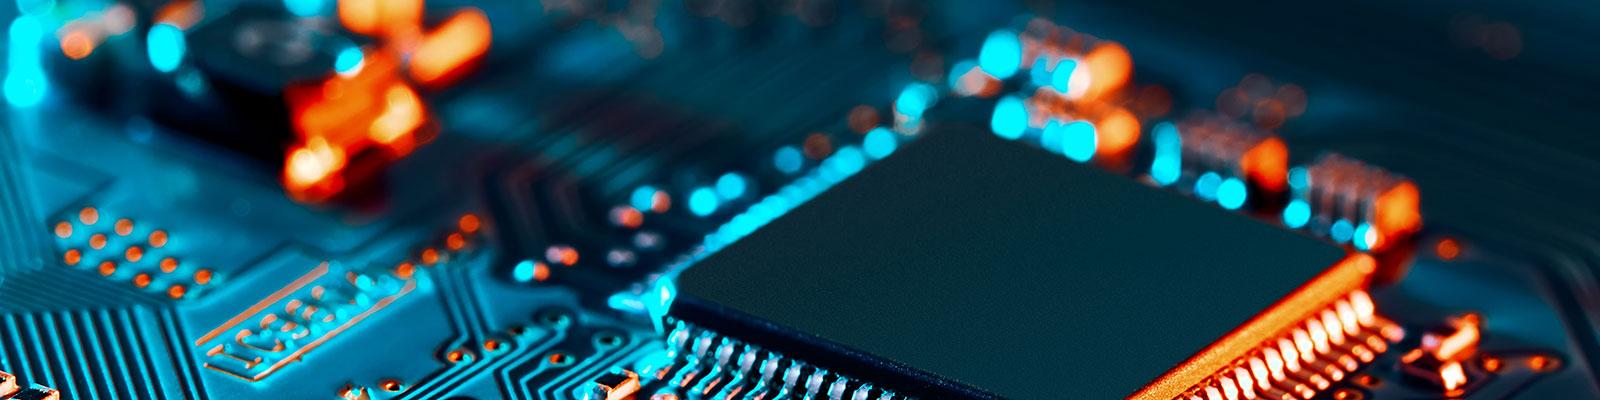 Computerchip und Gasfaser zum Thema Digitalisierung; Quelle: Getty Images / Rafe Swan